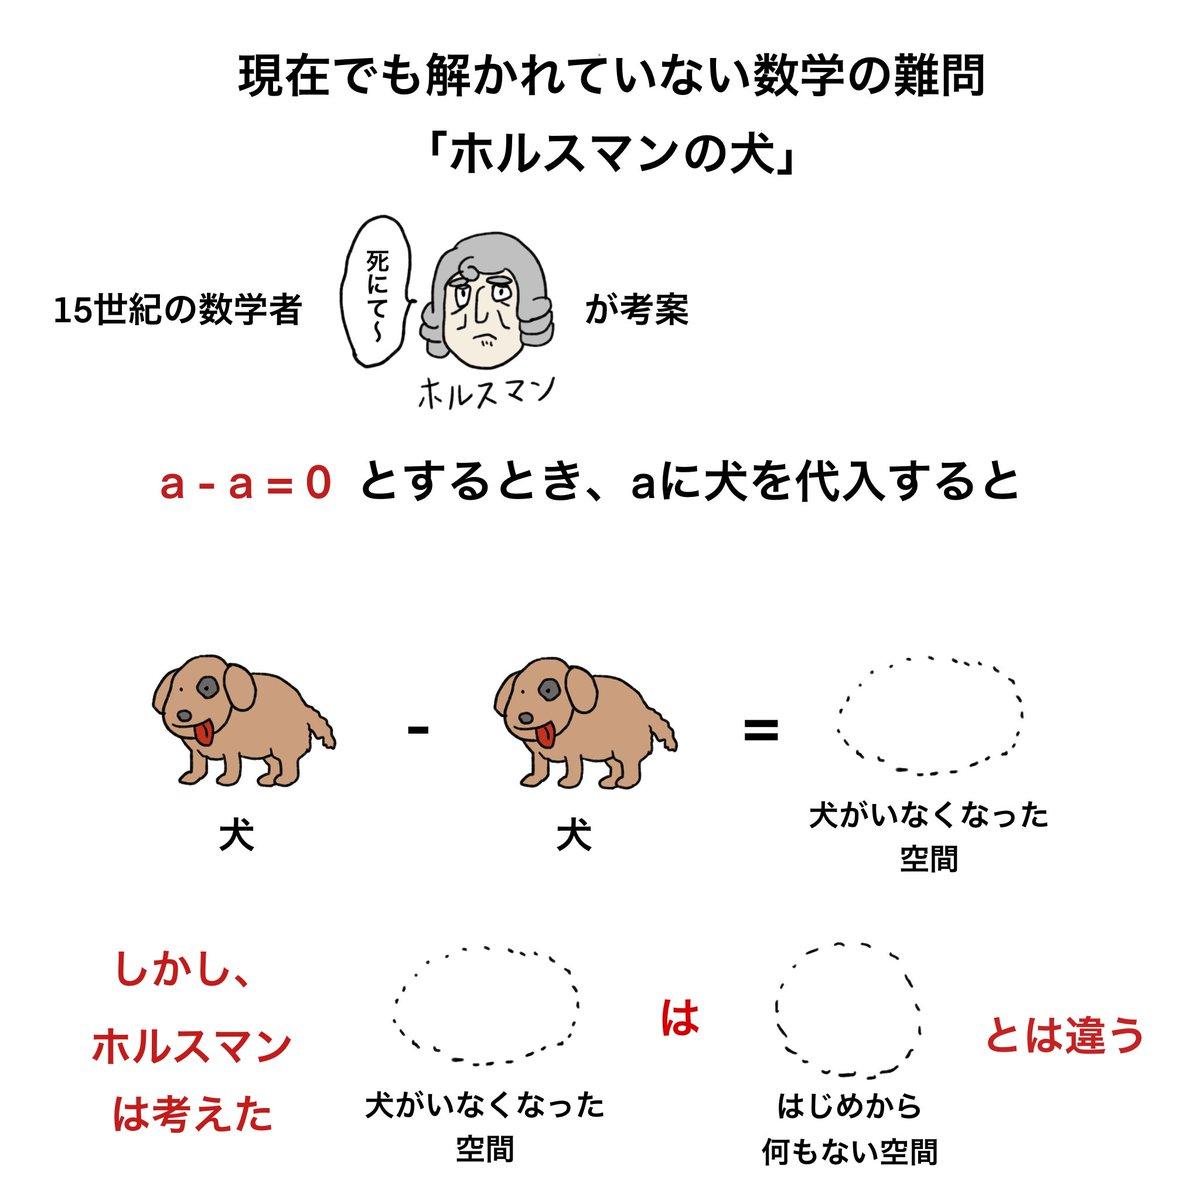 できすぎた数式!飼っていた犬を失った時の喪失感を表す「ホルスマンの犬」の定理が凄い!